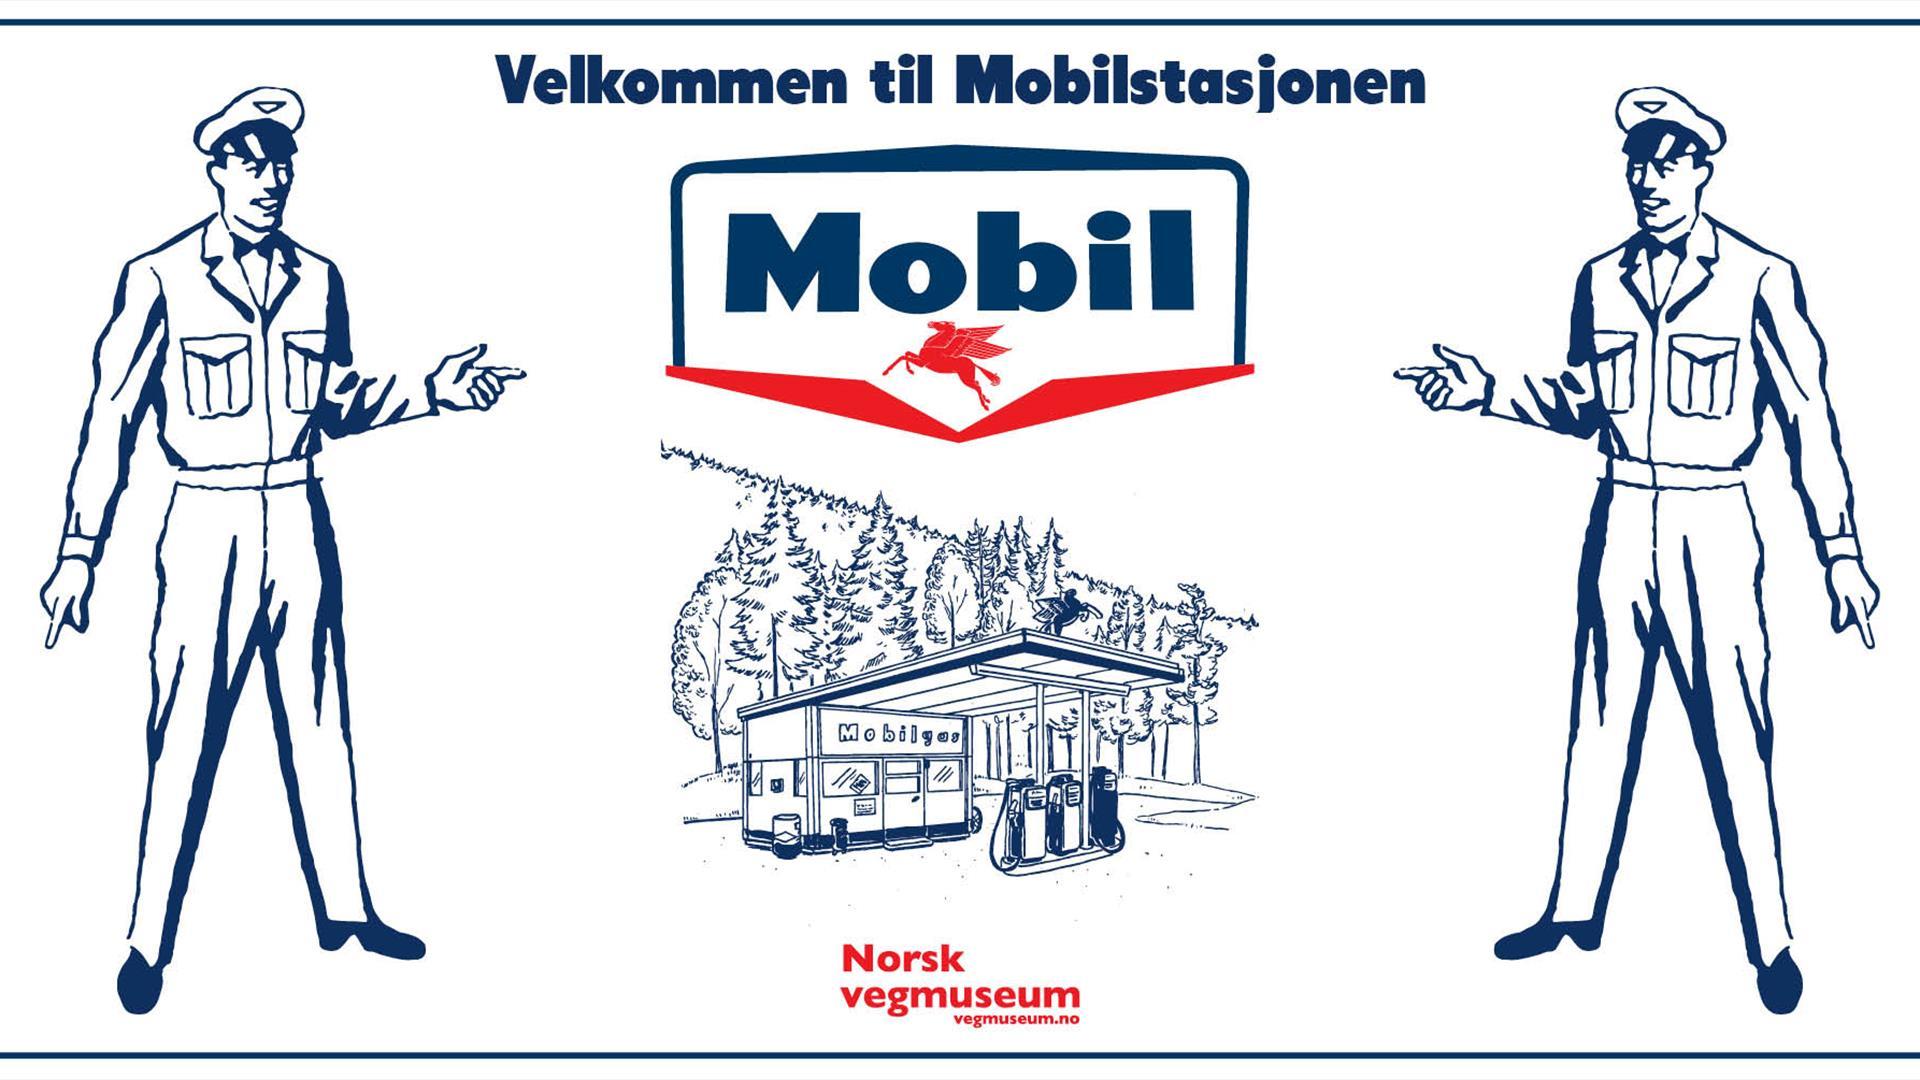 Mobilstasjonen på Norsk Vegmuseum